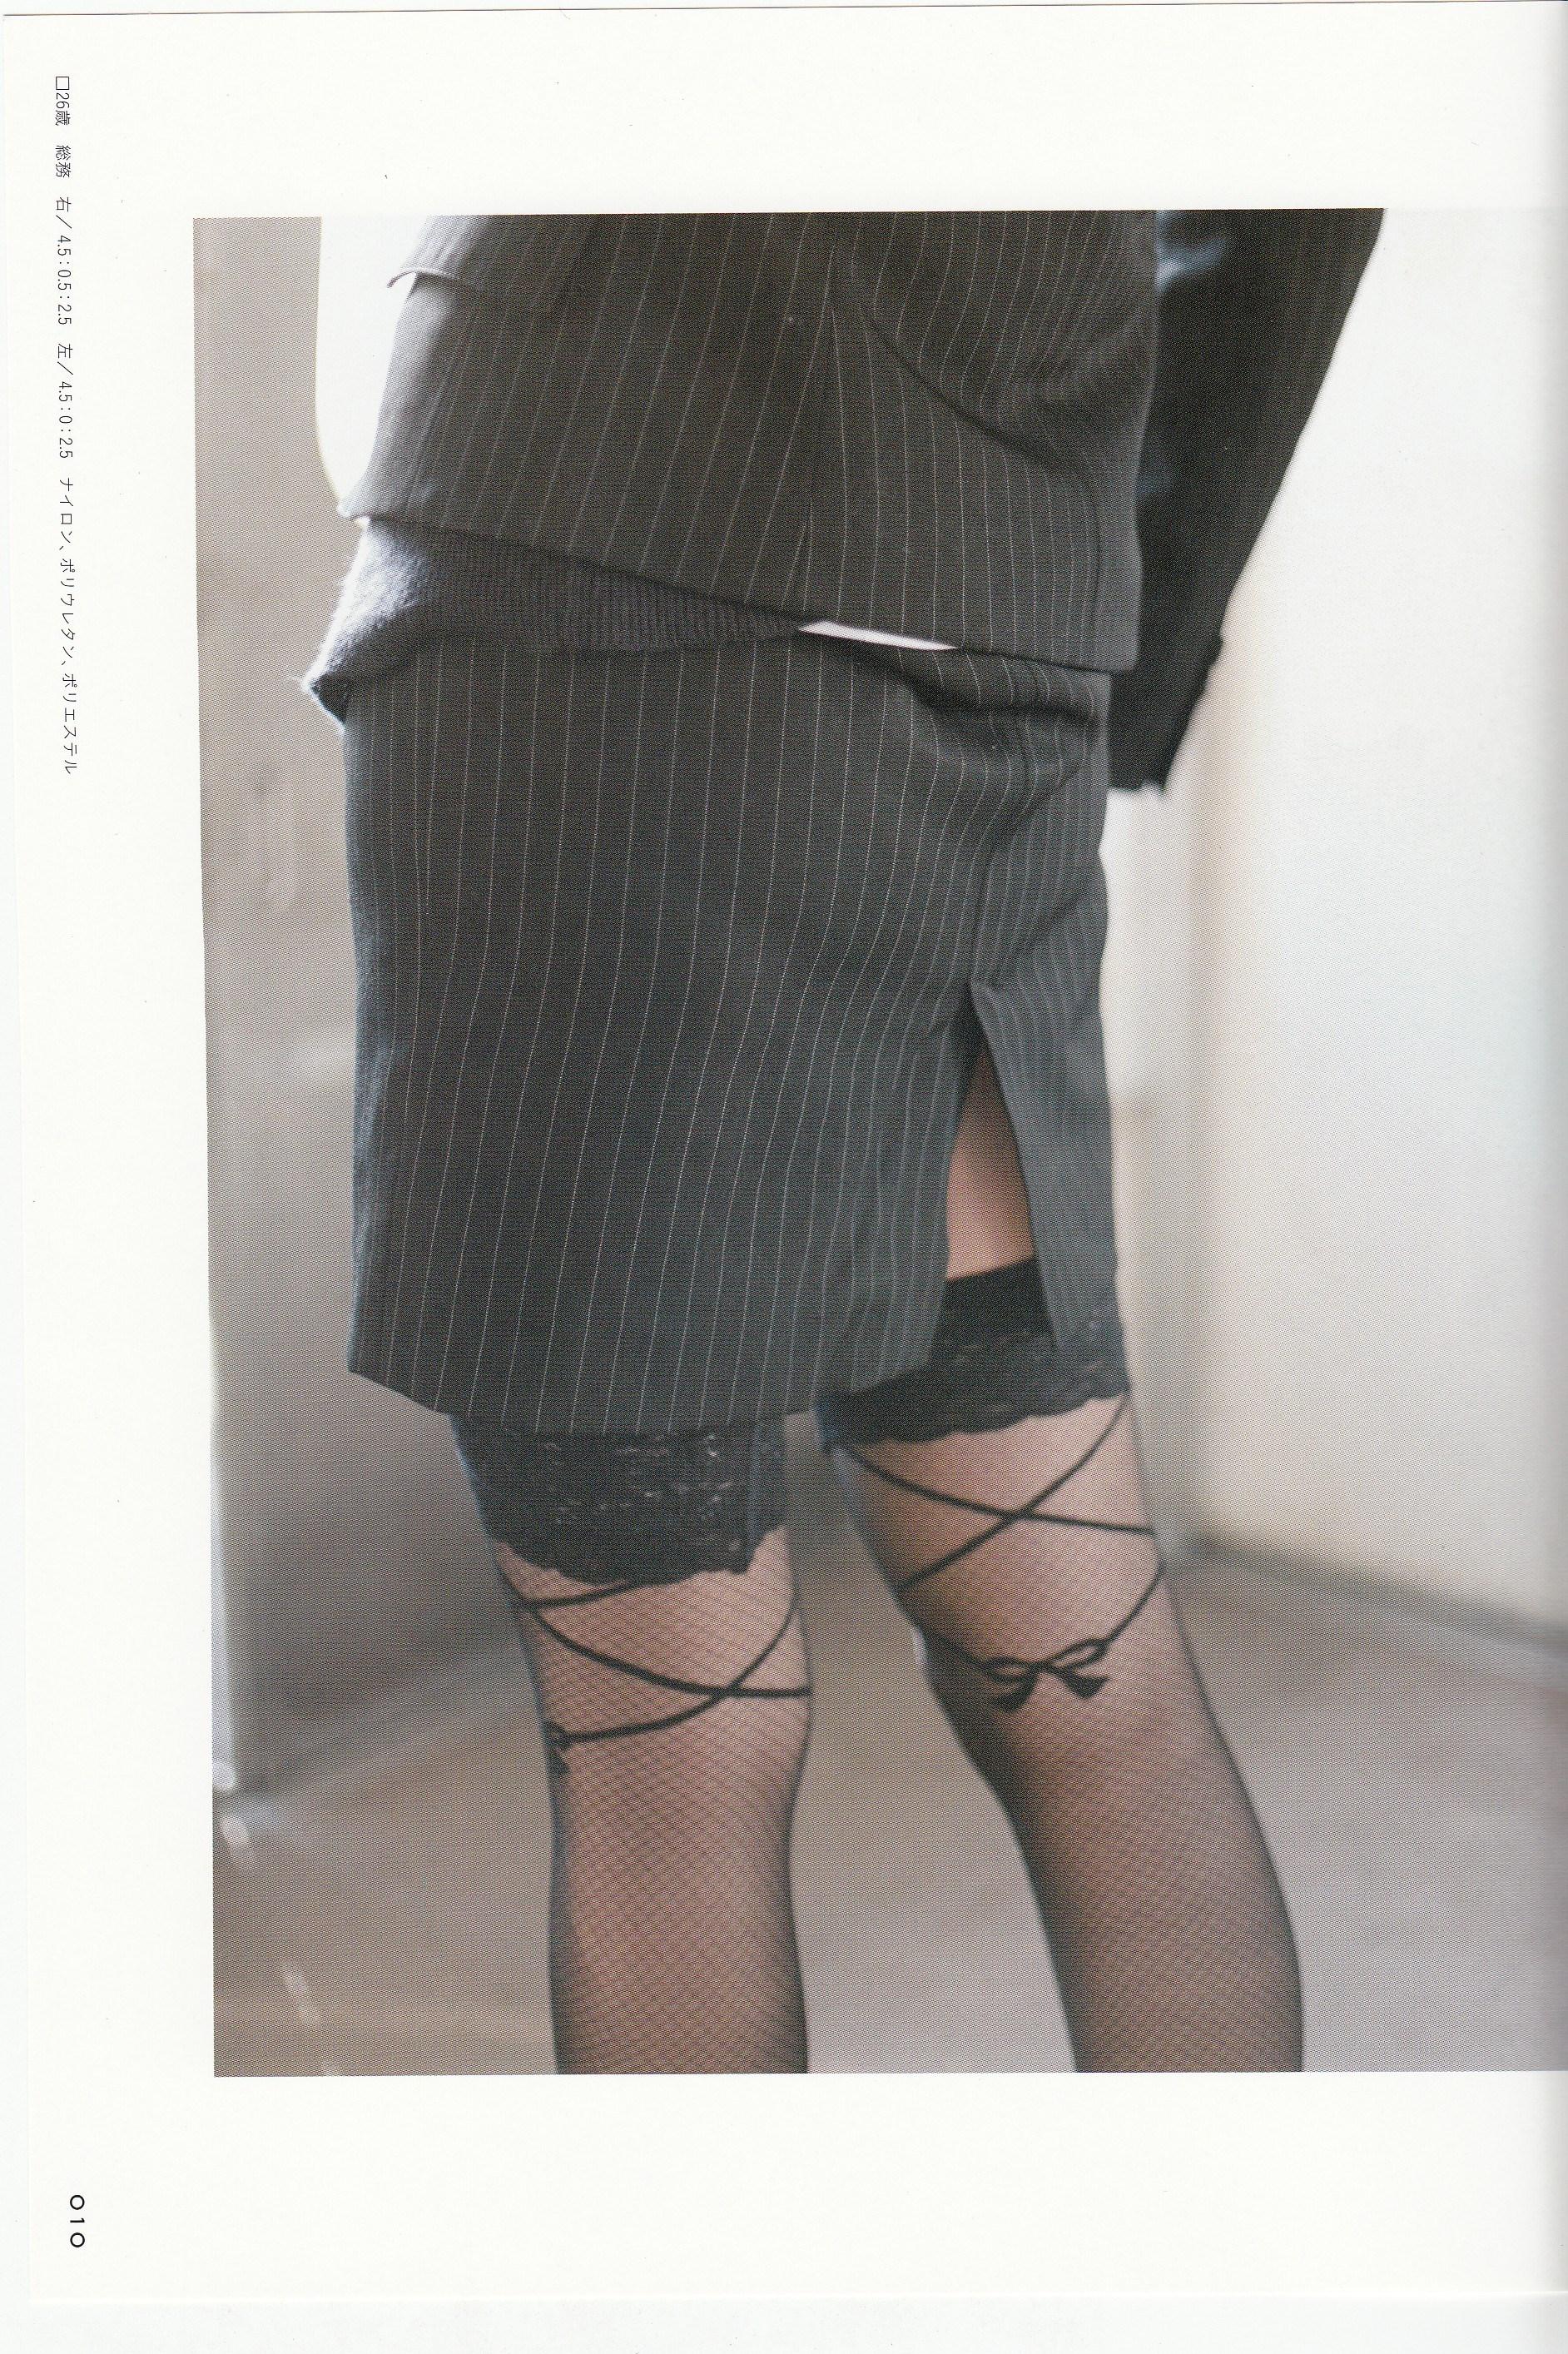 【兔玩映画】新鲜的美少女大腿 兔玩映画 第7张